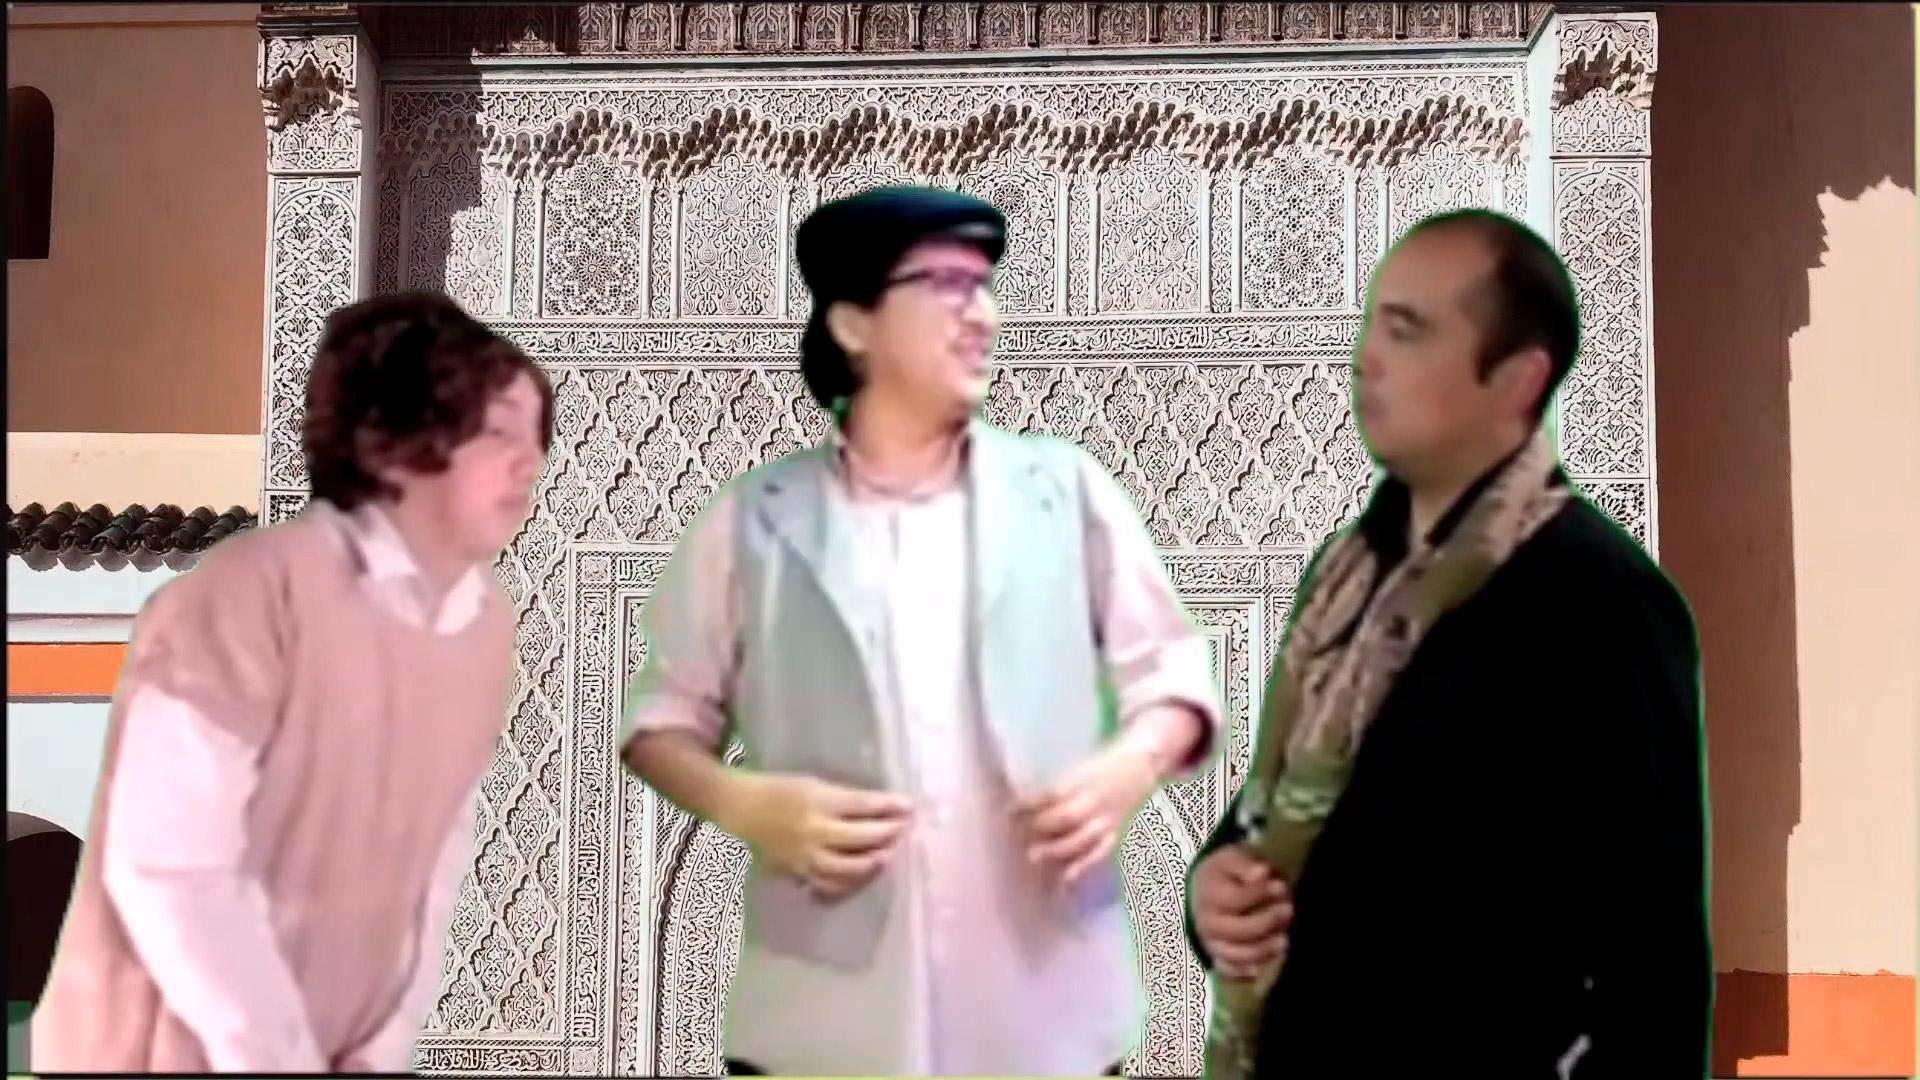 La Comedia de los Errores - Teatro digitalizado de gran nivel - ArtesUnidas.com